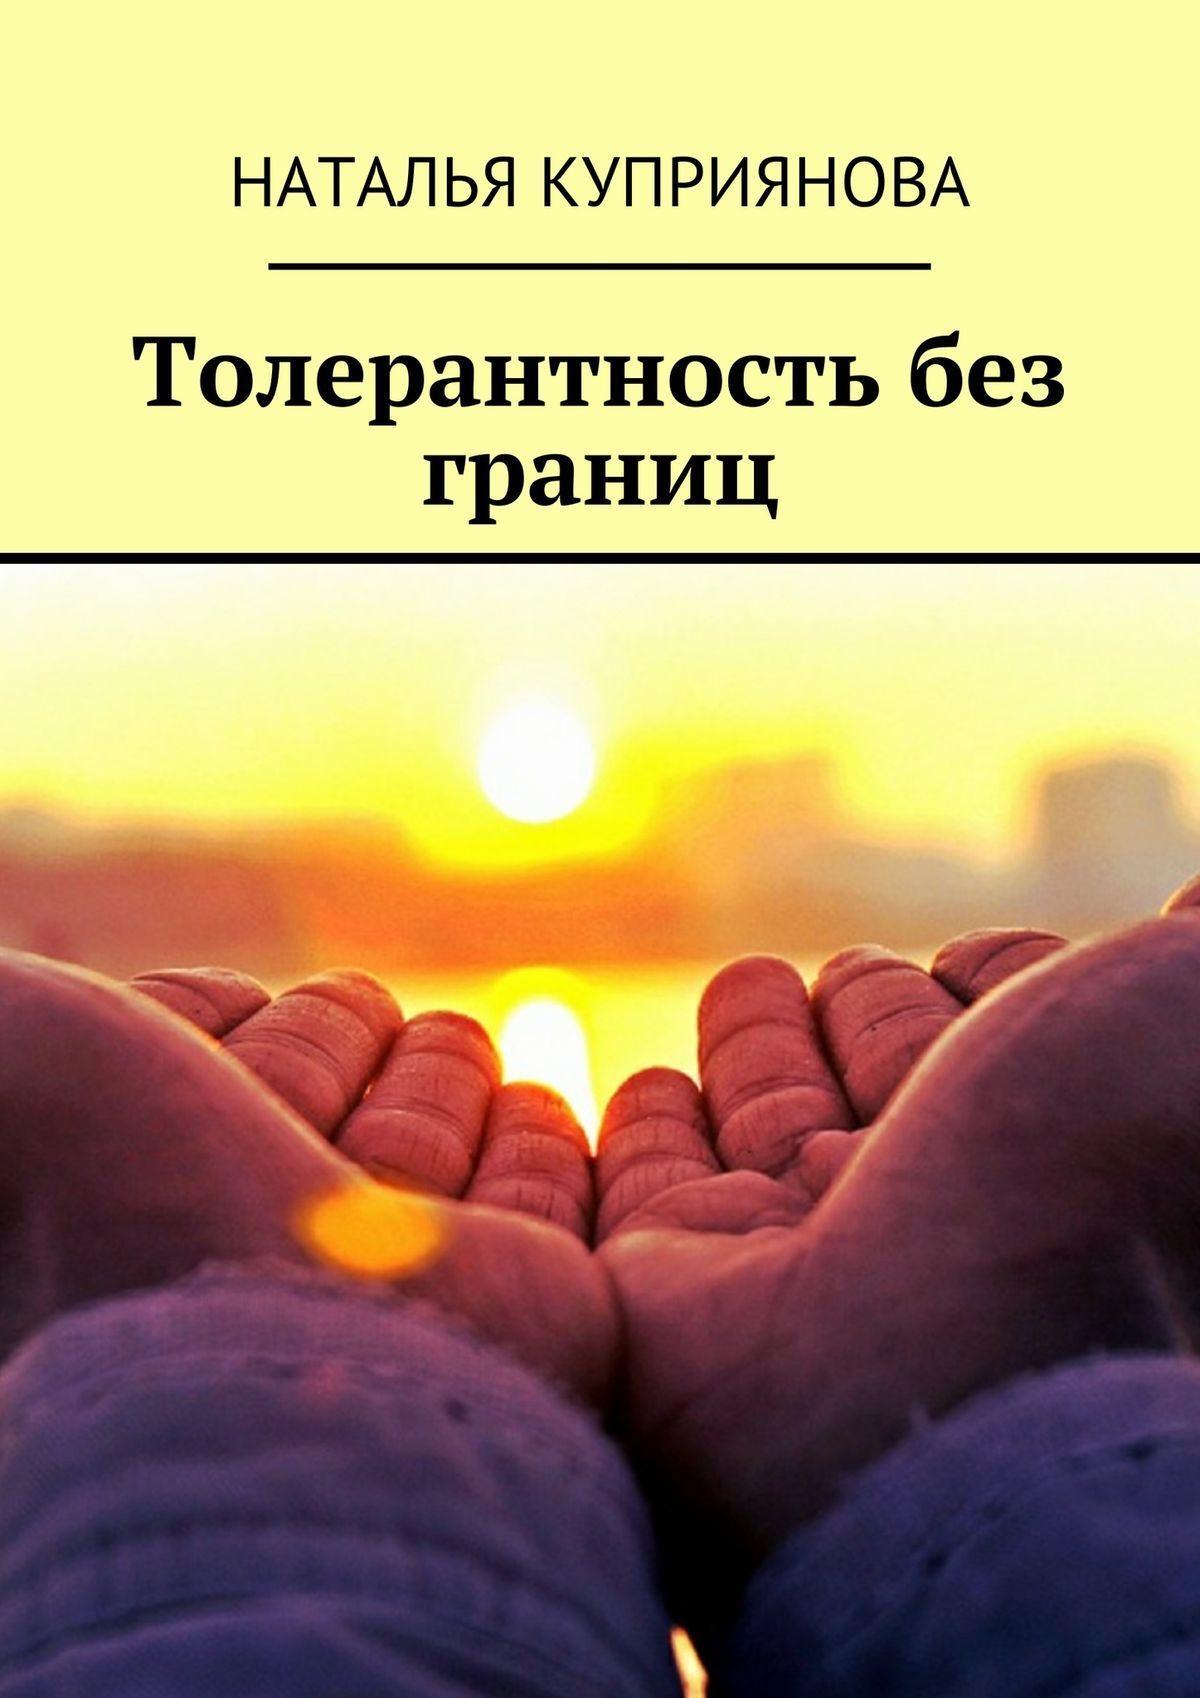 Наталья Куприянова бесплатно